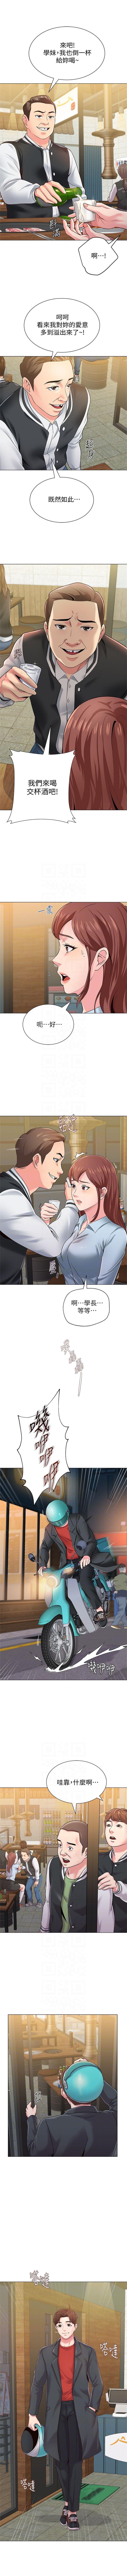 (周3)老师 1-56 中文翻译(更新中) 243